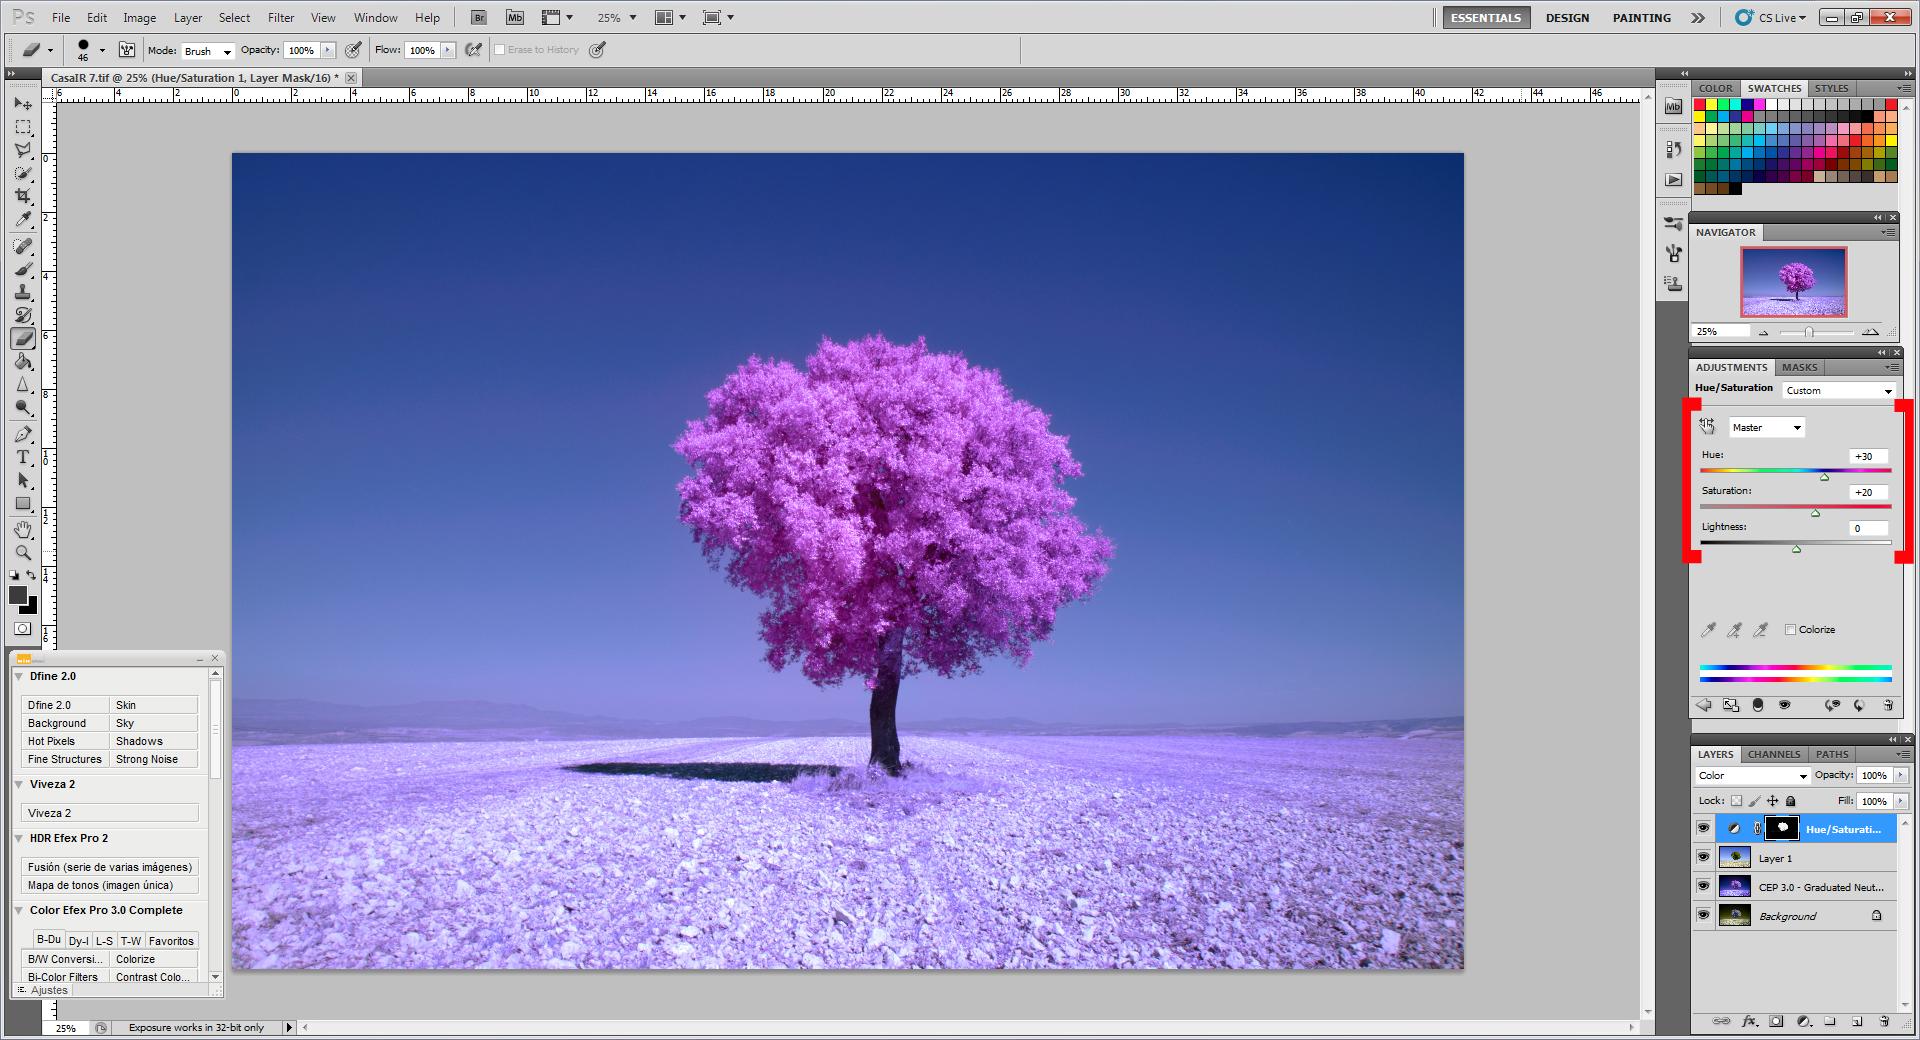 Как превратить пейзажное фото в сюрреалистическое инфракрасное изображение - 8